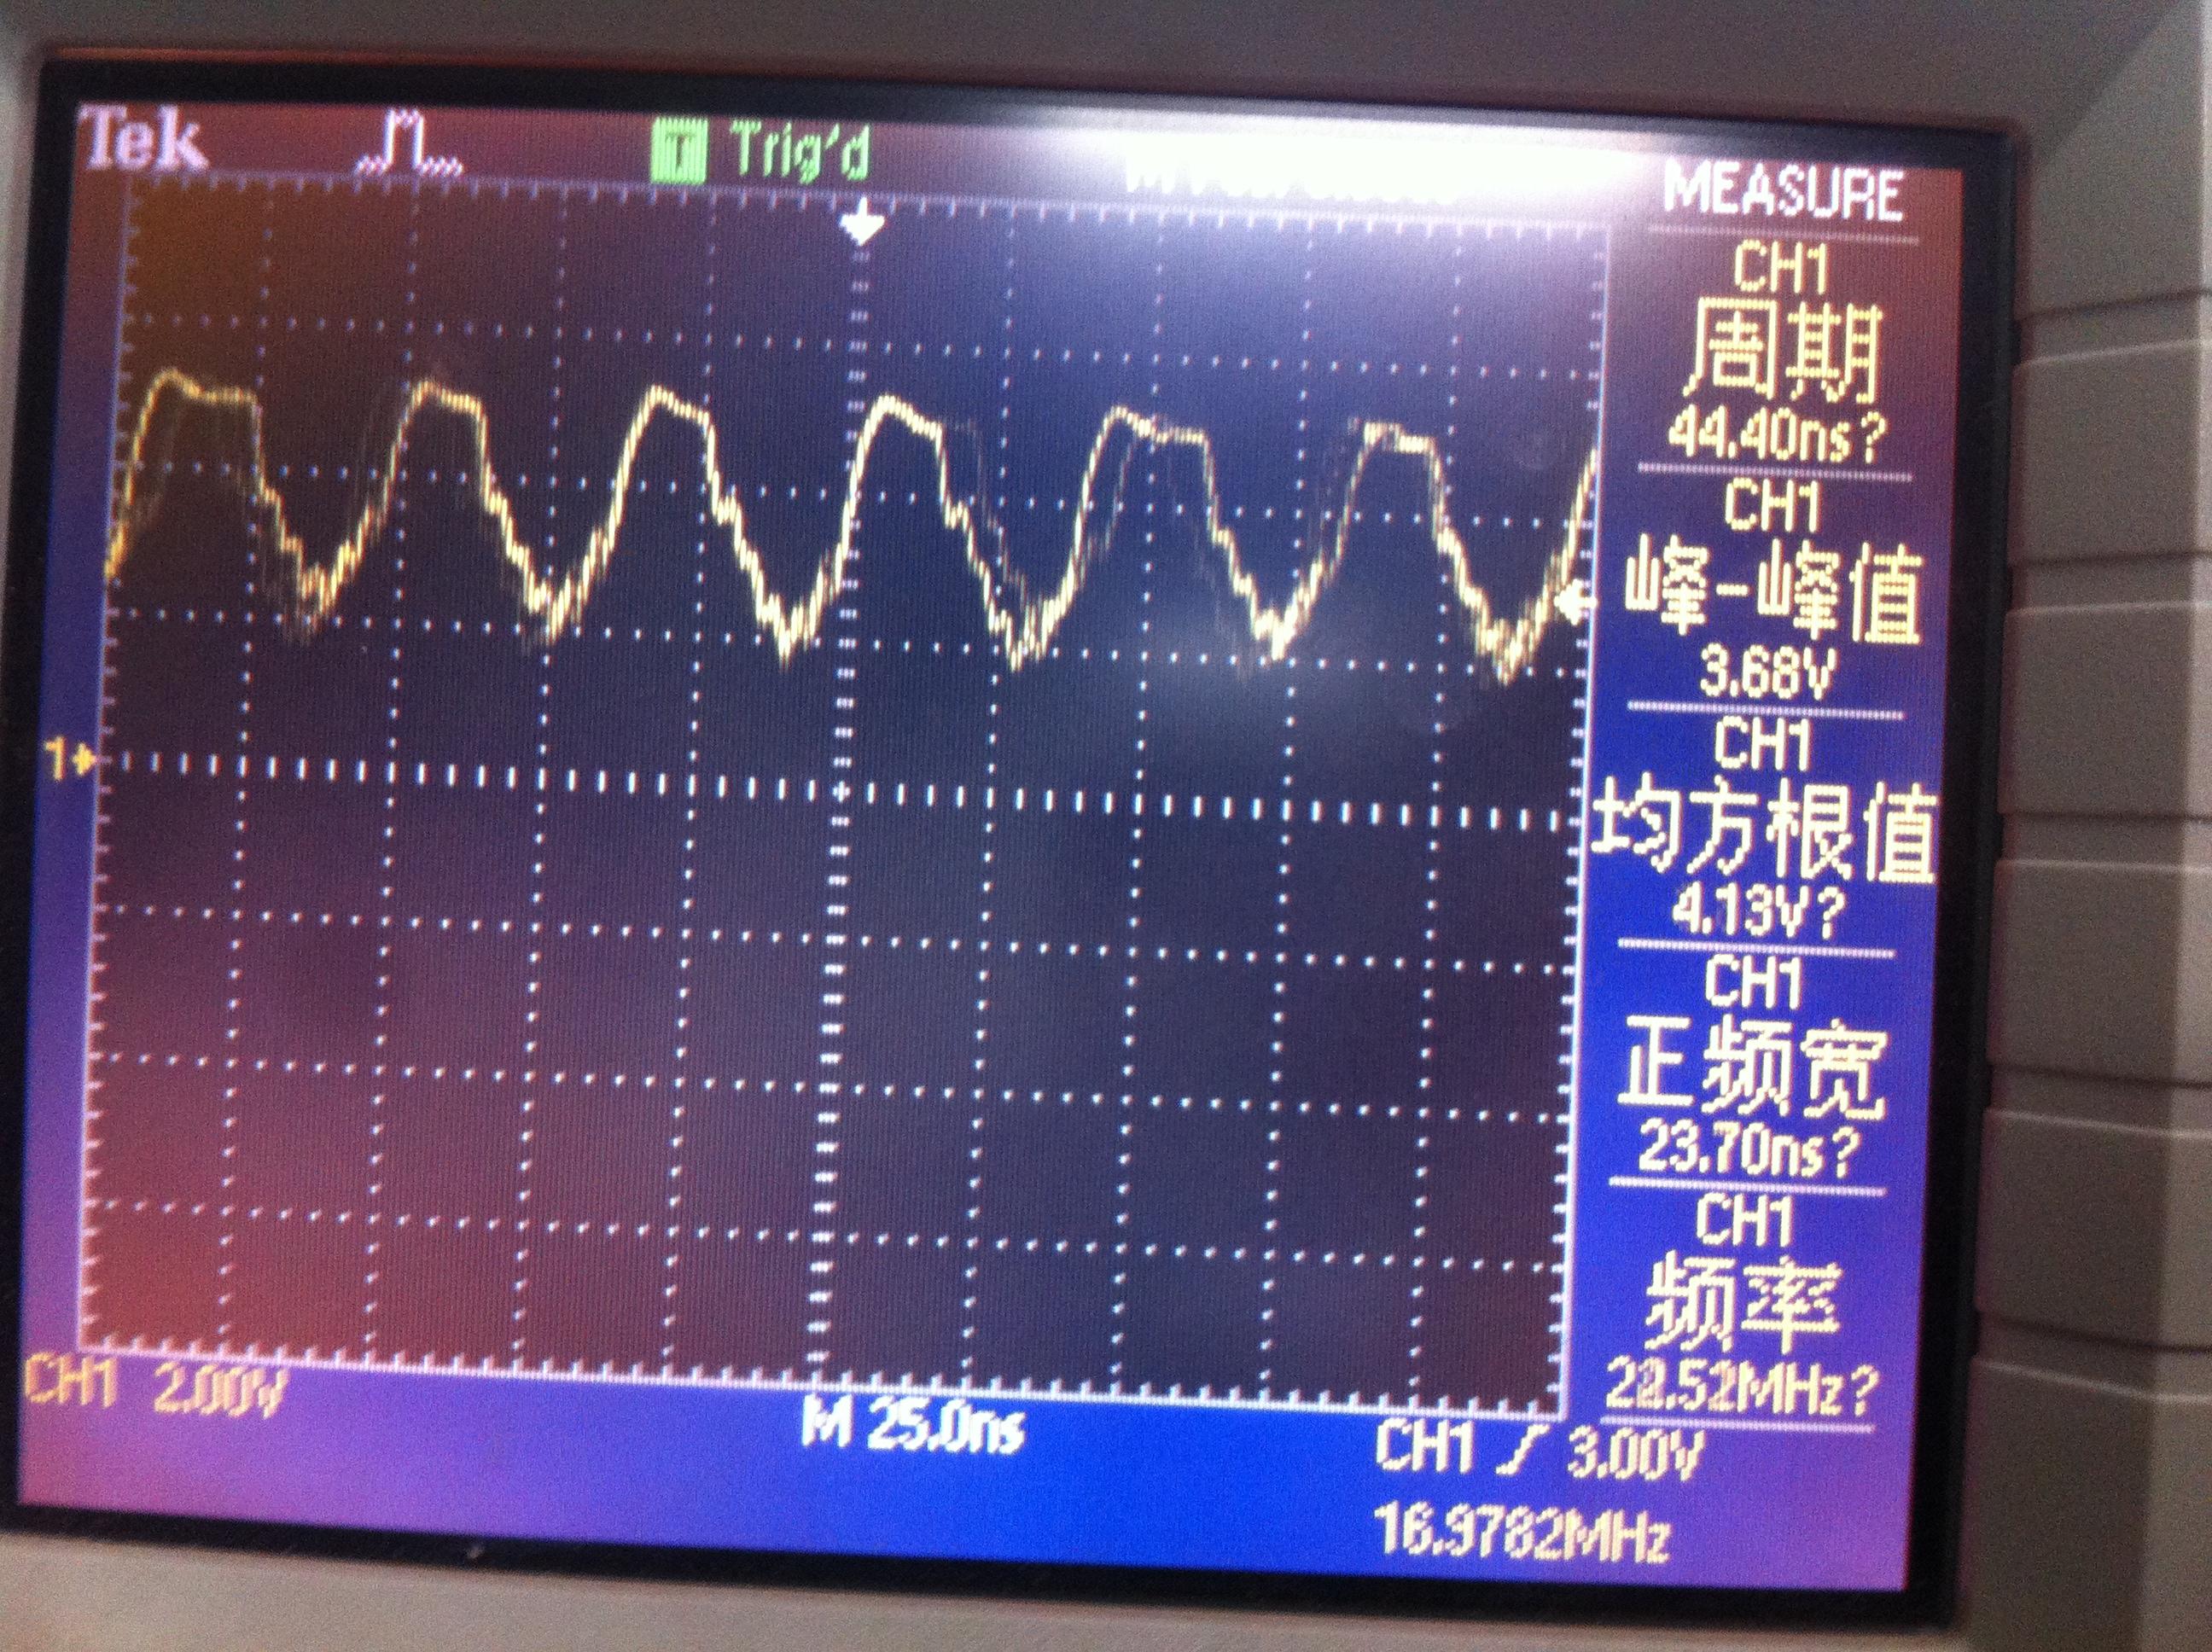 """请问<a href=""""http://www.ti.com.cn/product/cn/TLV3501"""" target=""""extwin"""">TLV3501</a>比较器能否比较100MHz,峰峰值50mv小信号?制作了一个迟滞比较器(电路按照数据手册上的),阈值电压为10mv左右。当输入电压为50mv,25Mhz小信号得不到较好的方波</p><div style=""""clear:both;""""></div>"""" /"""